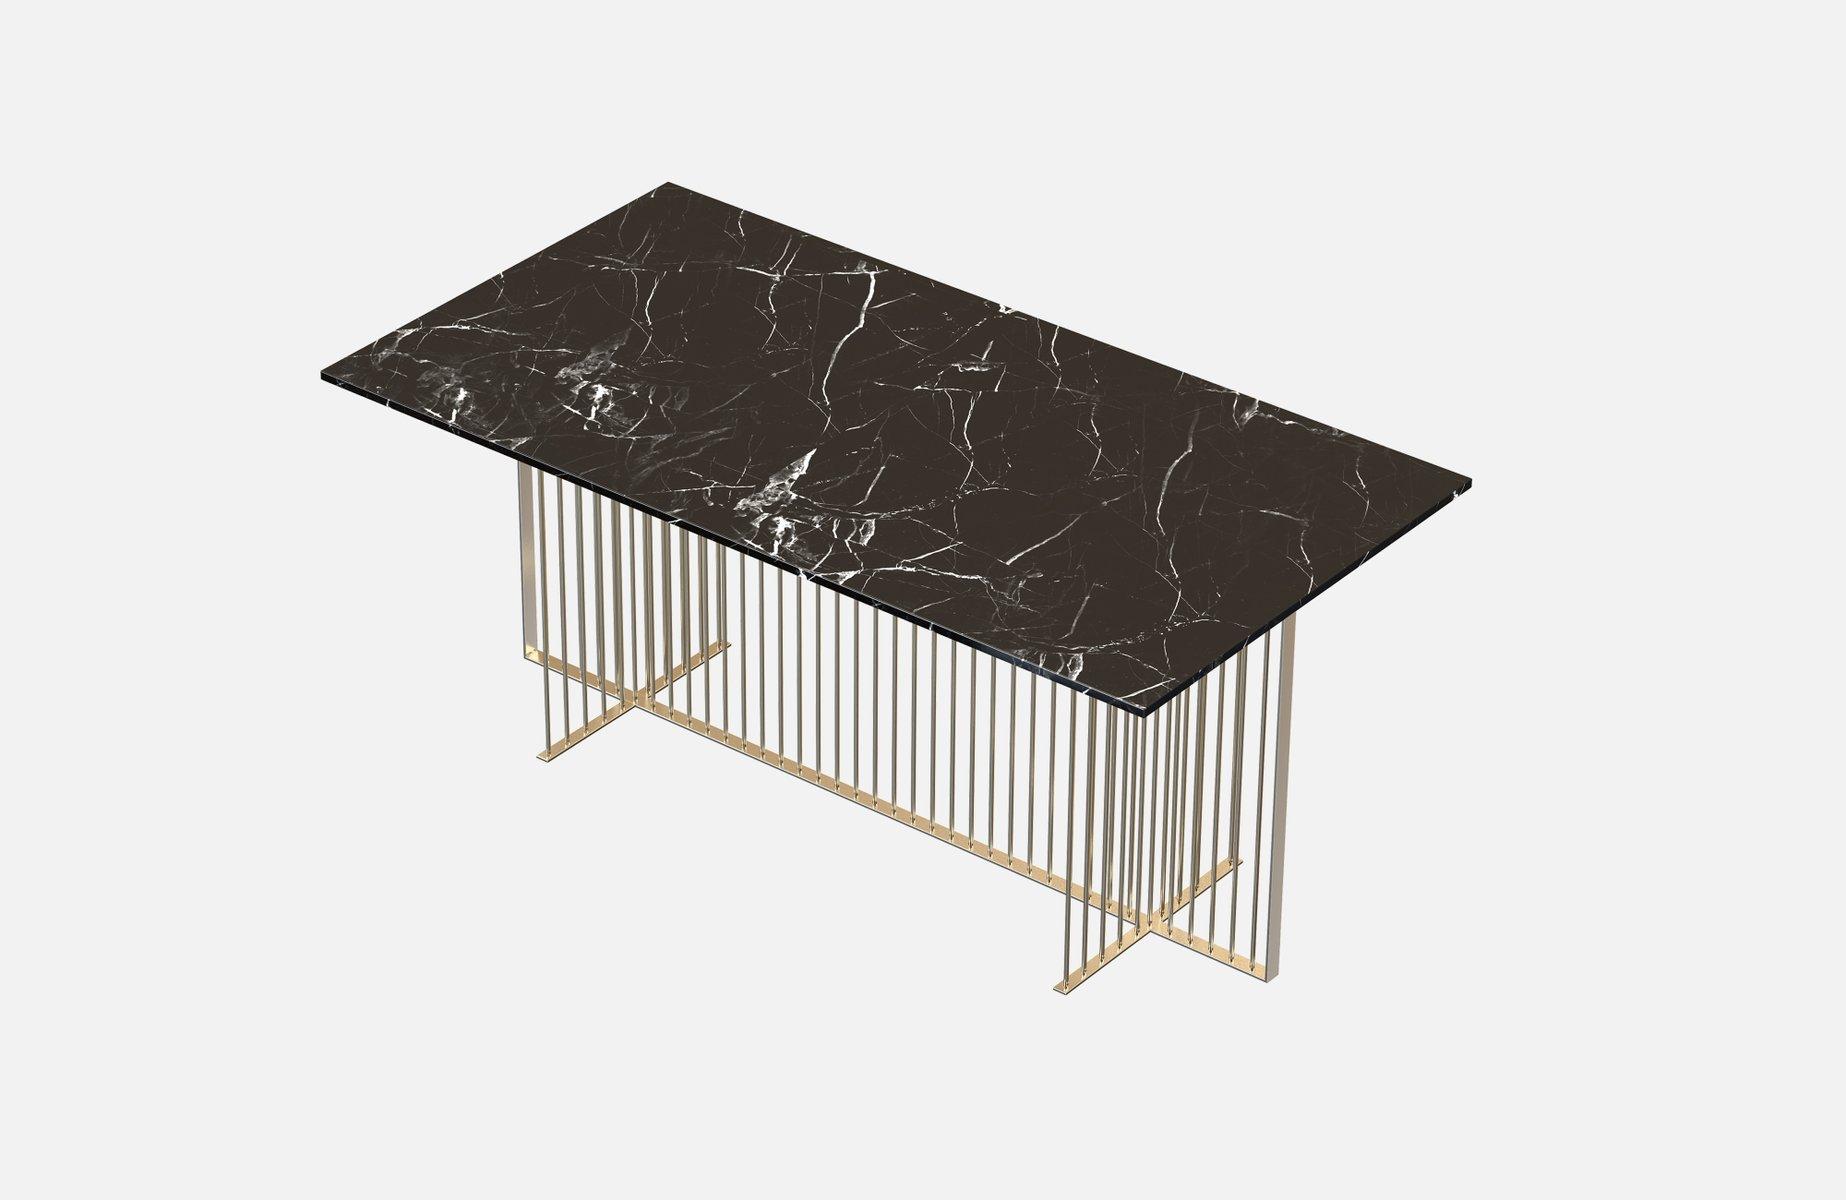 Vermessingter MEISTER Esstisch mit schwarzer Tischplatte aus Marmor vo...